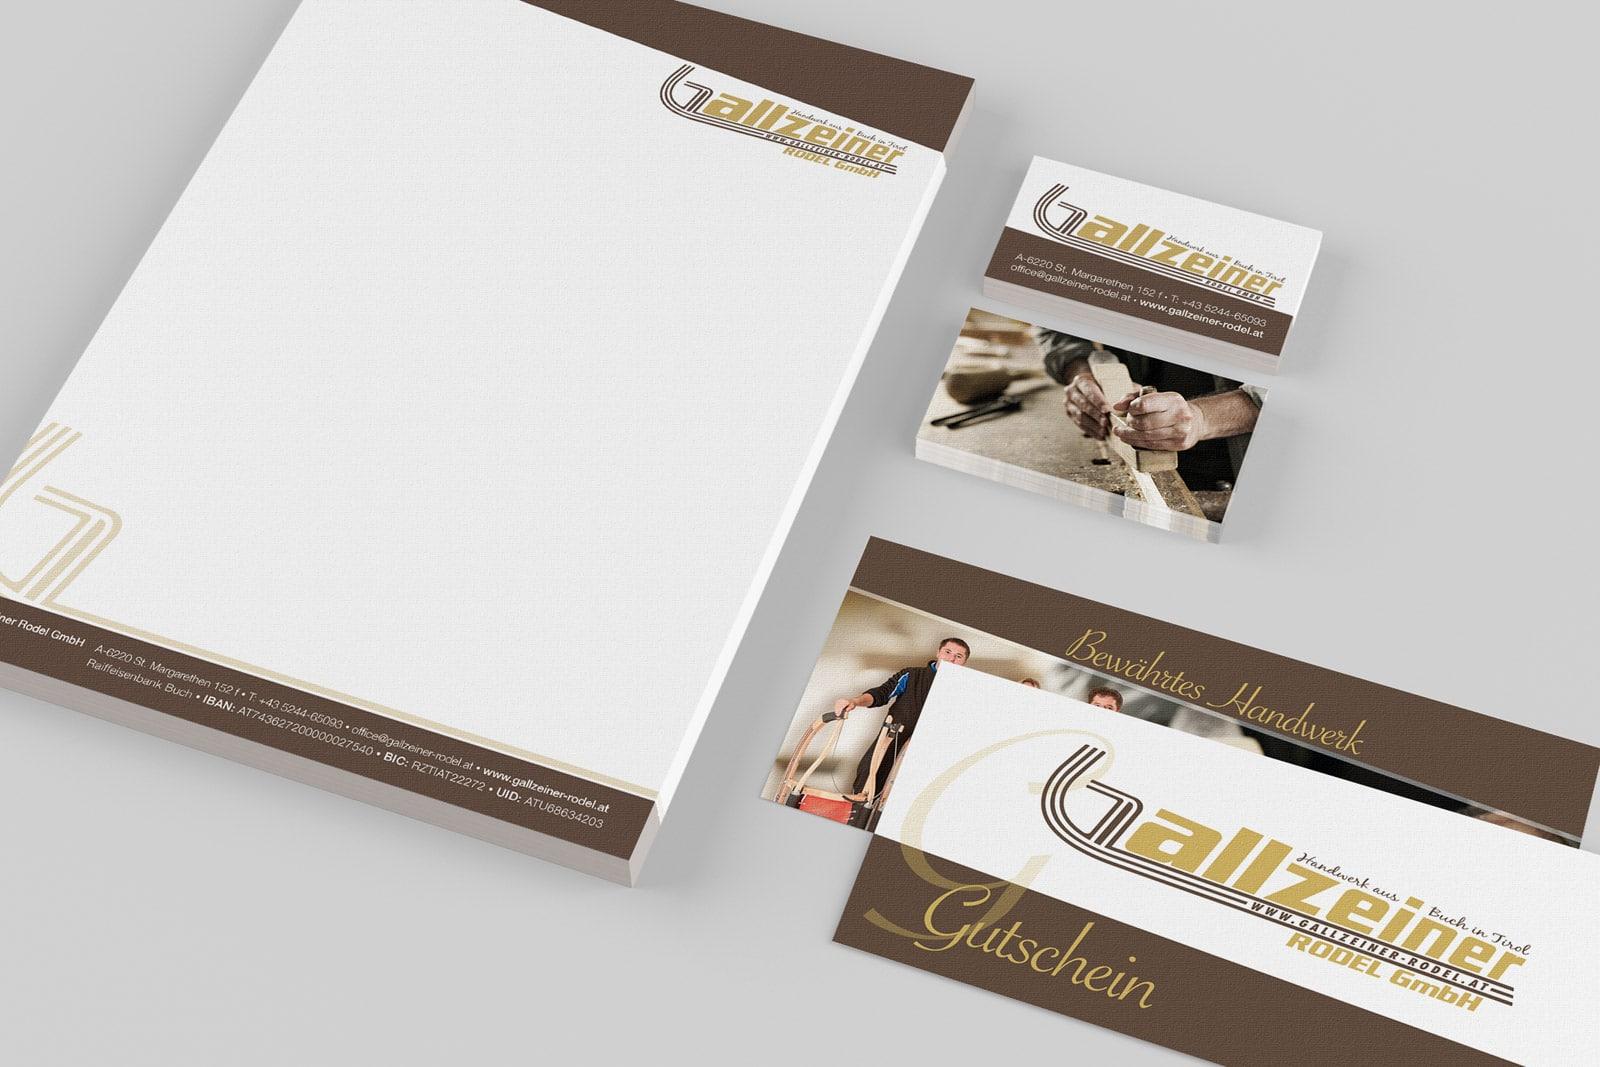 agentur 13 | Werbeagentur Tirol |Gallzeiner Grafikdesign